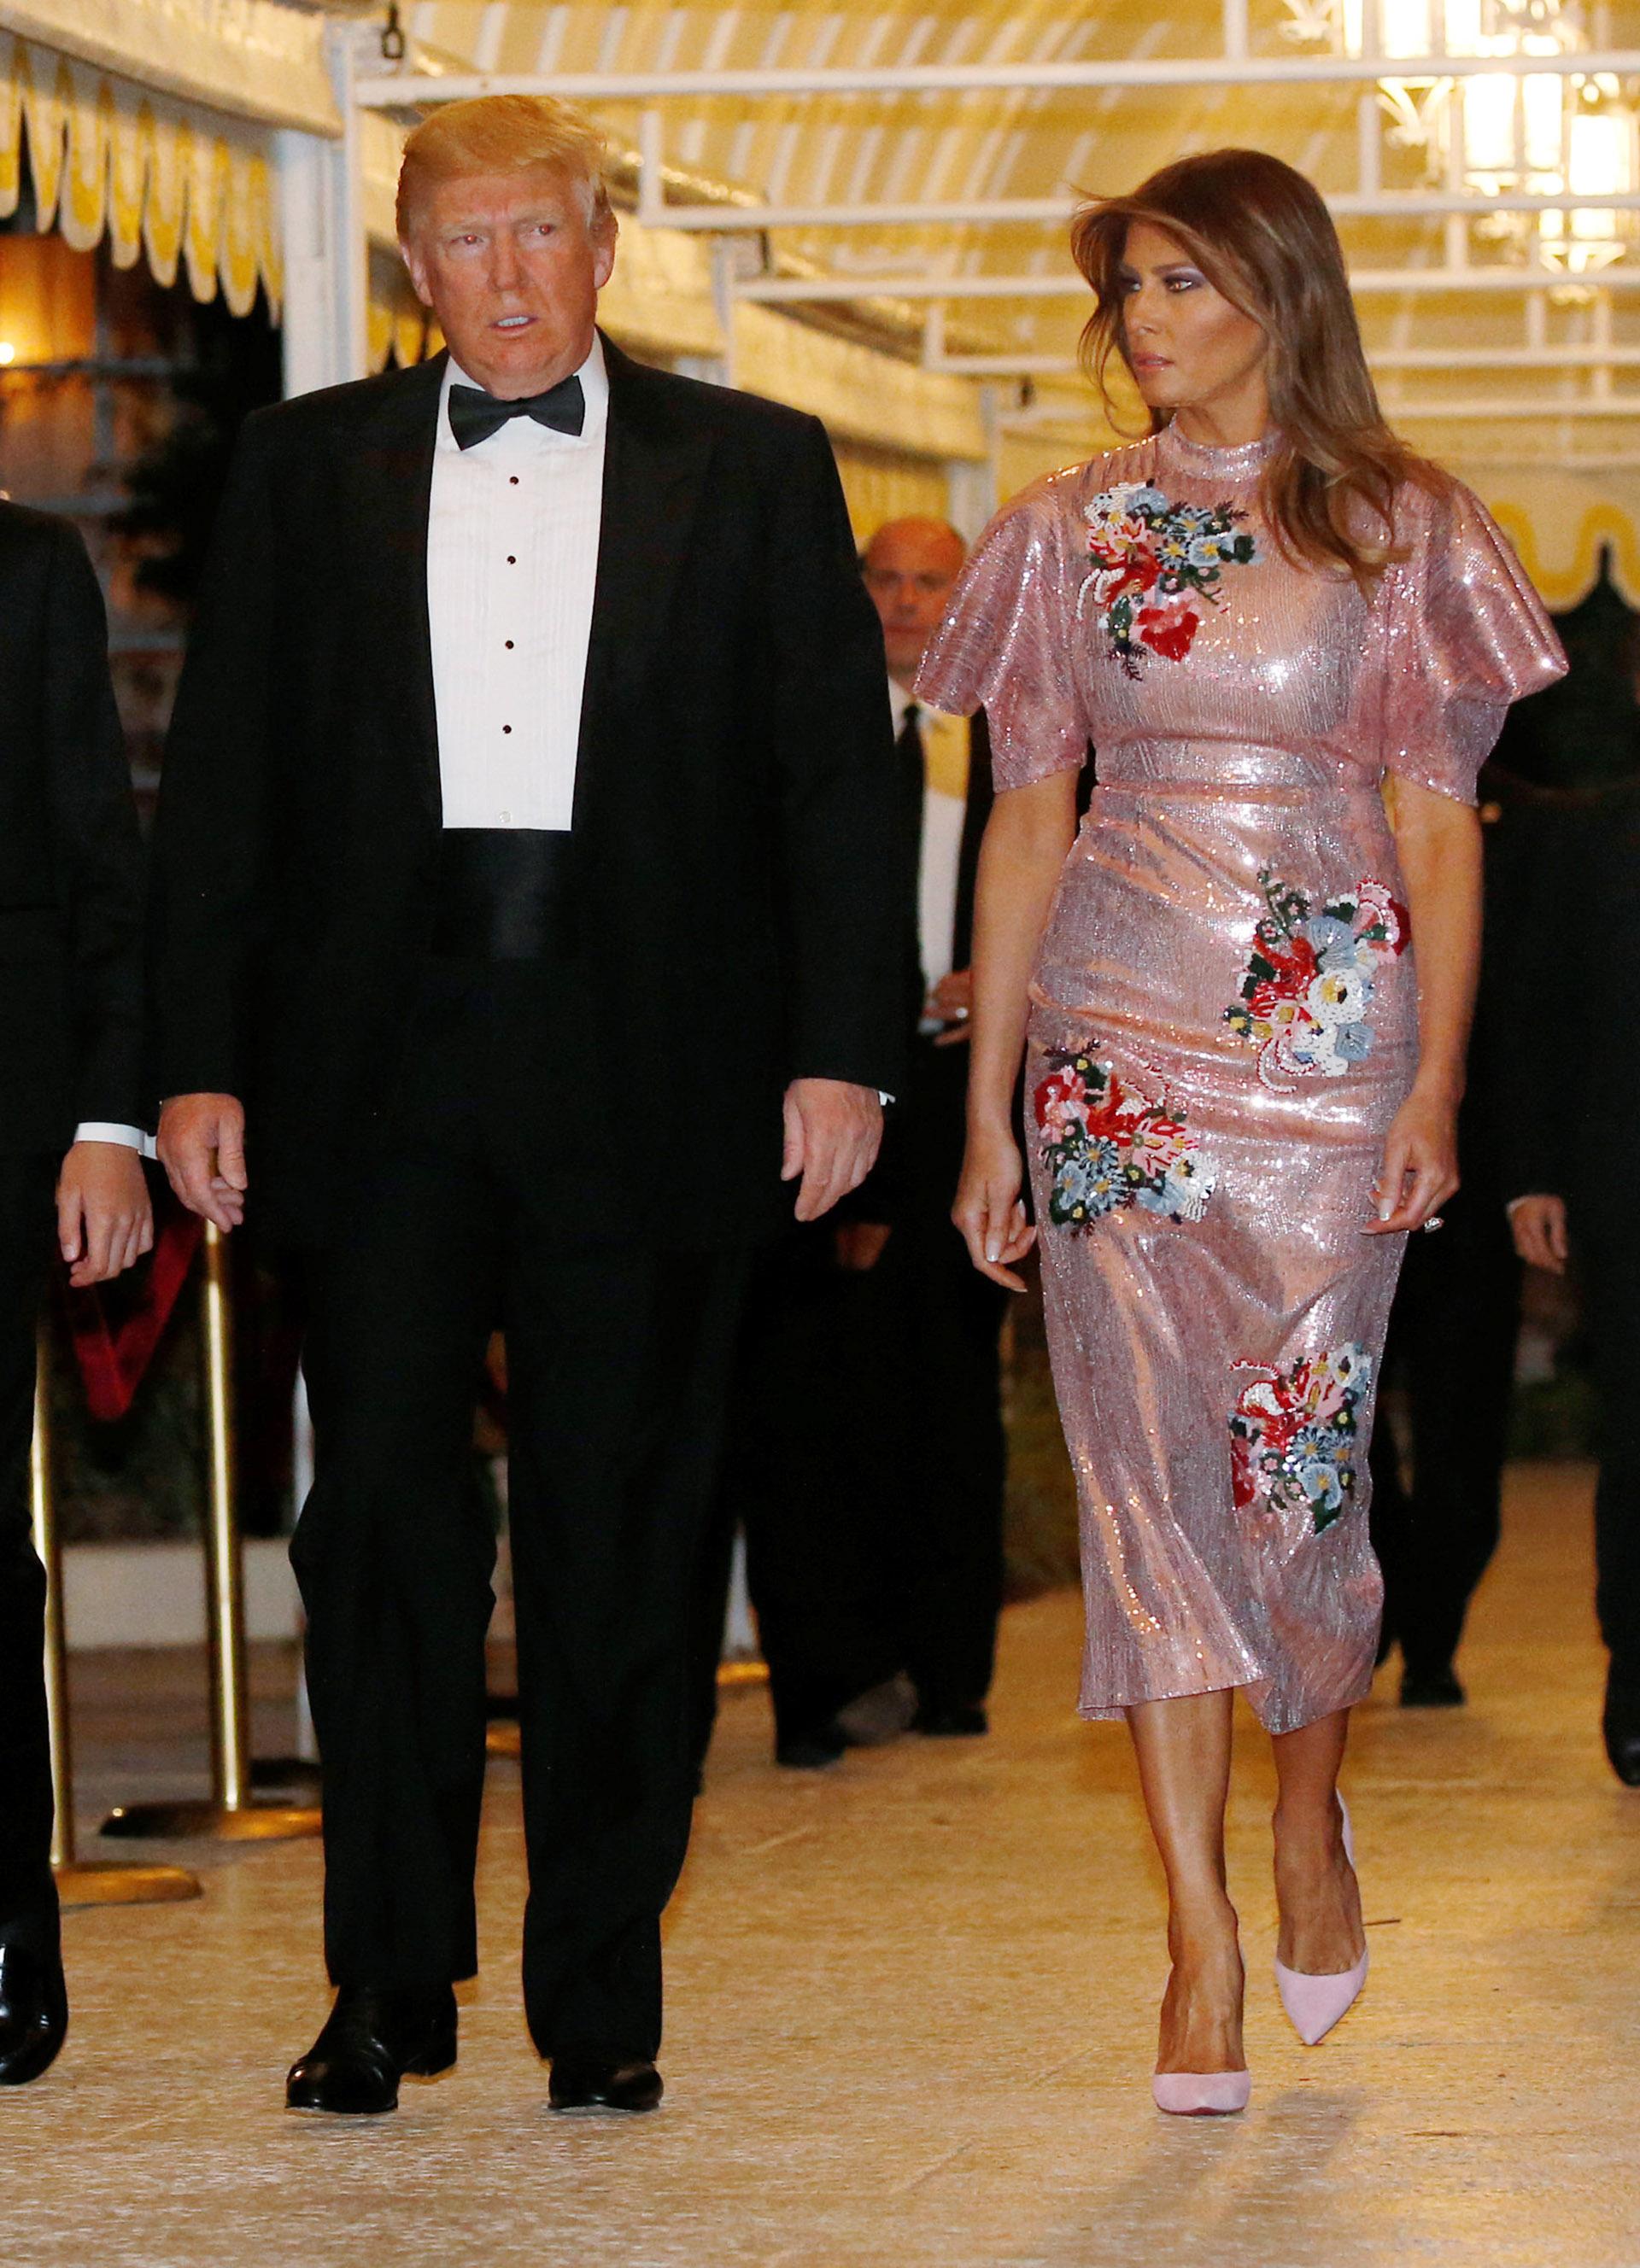 En Palm Beach para Año Nuevo impactó con el brillo: eligió una pieza luminosa con apliques florales de su boutique fetiche, Dolce & Gabbana. Completó el look con un peinado descontracturado y maquillaje a tono de la propuesta